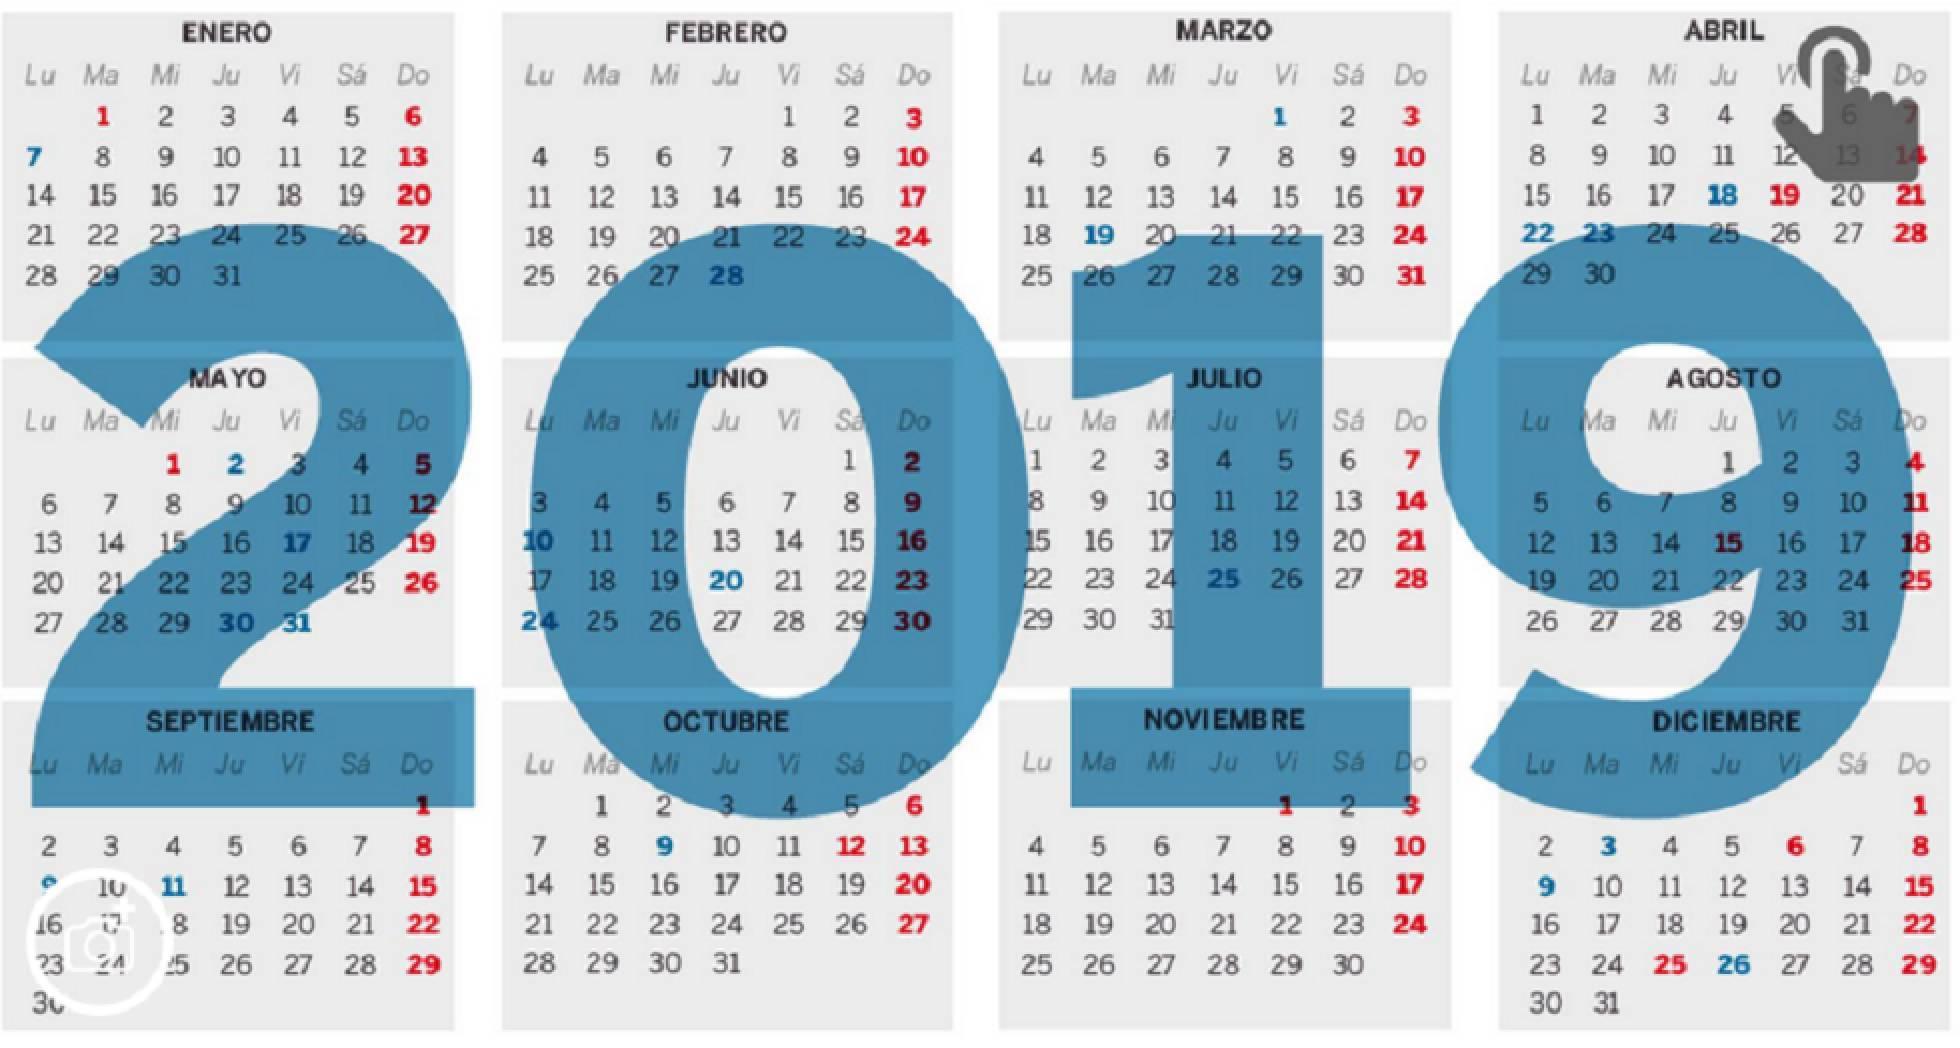 Calendario Laboral 2020 Galicia Doga.Calendarios Laboral Y Guardias